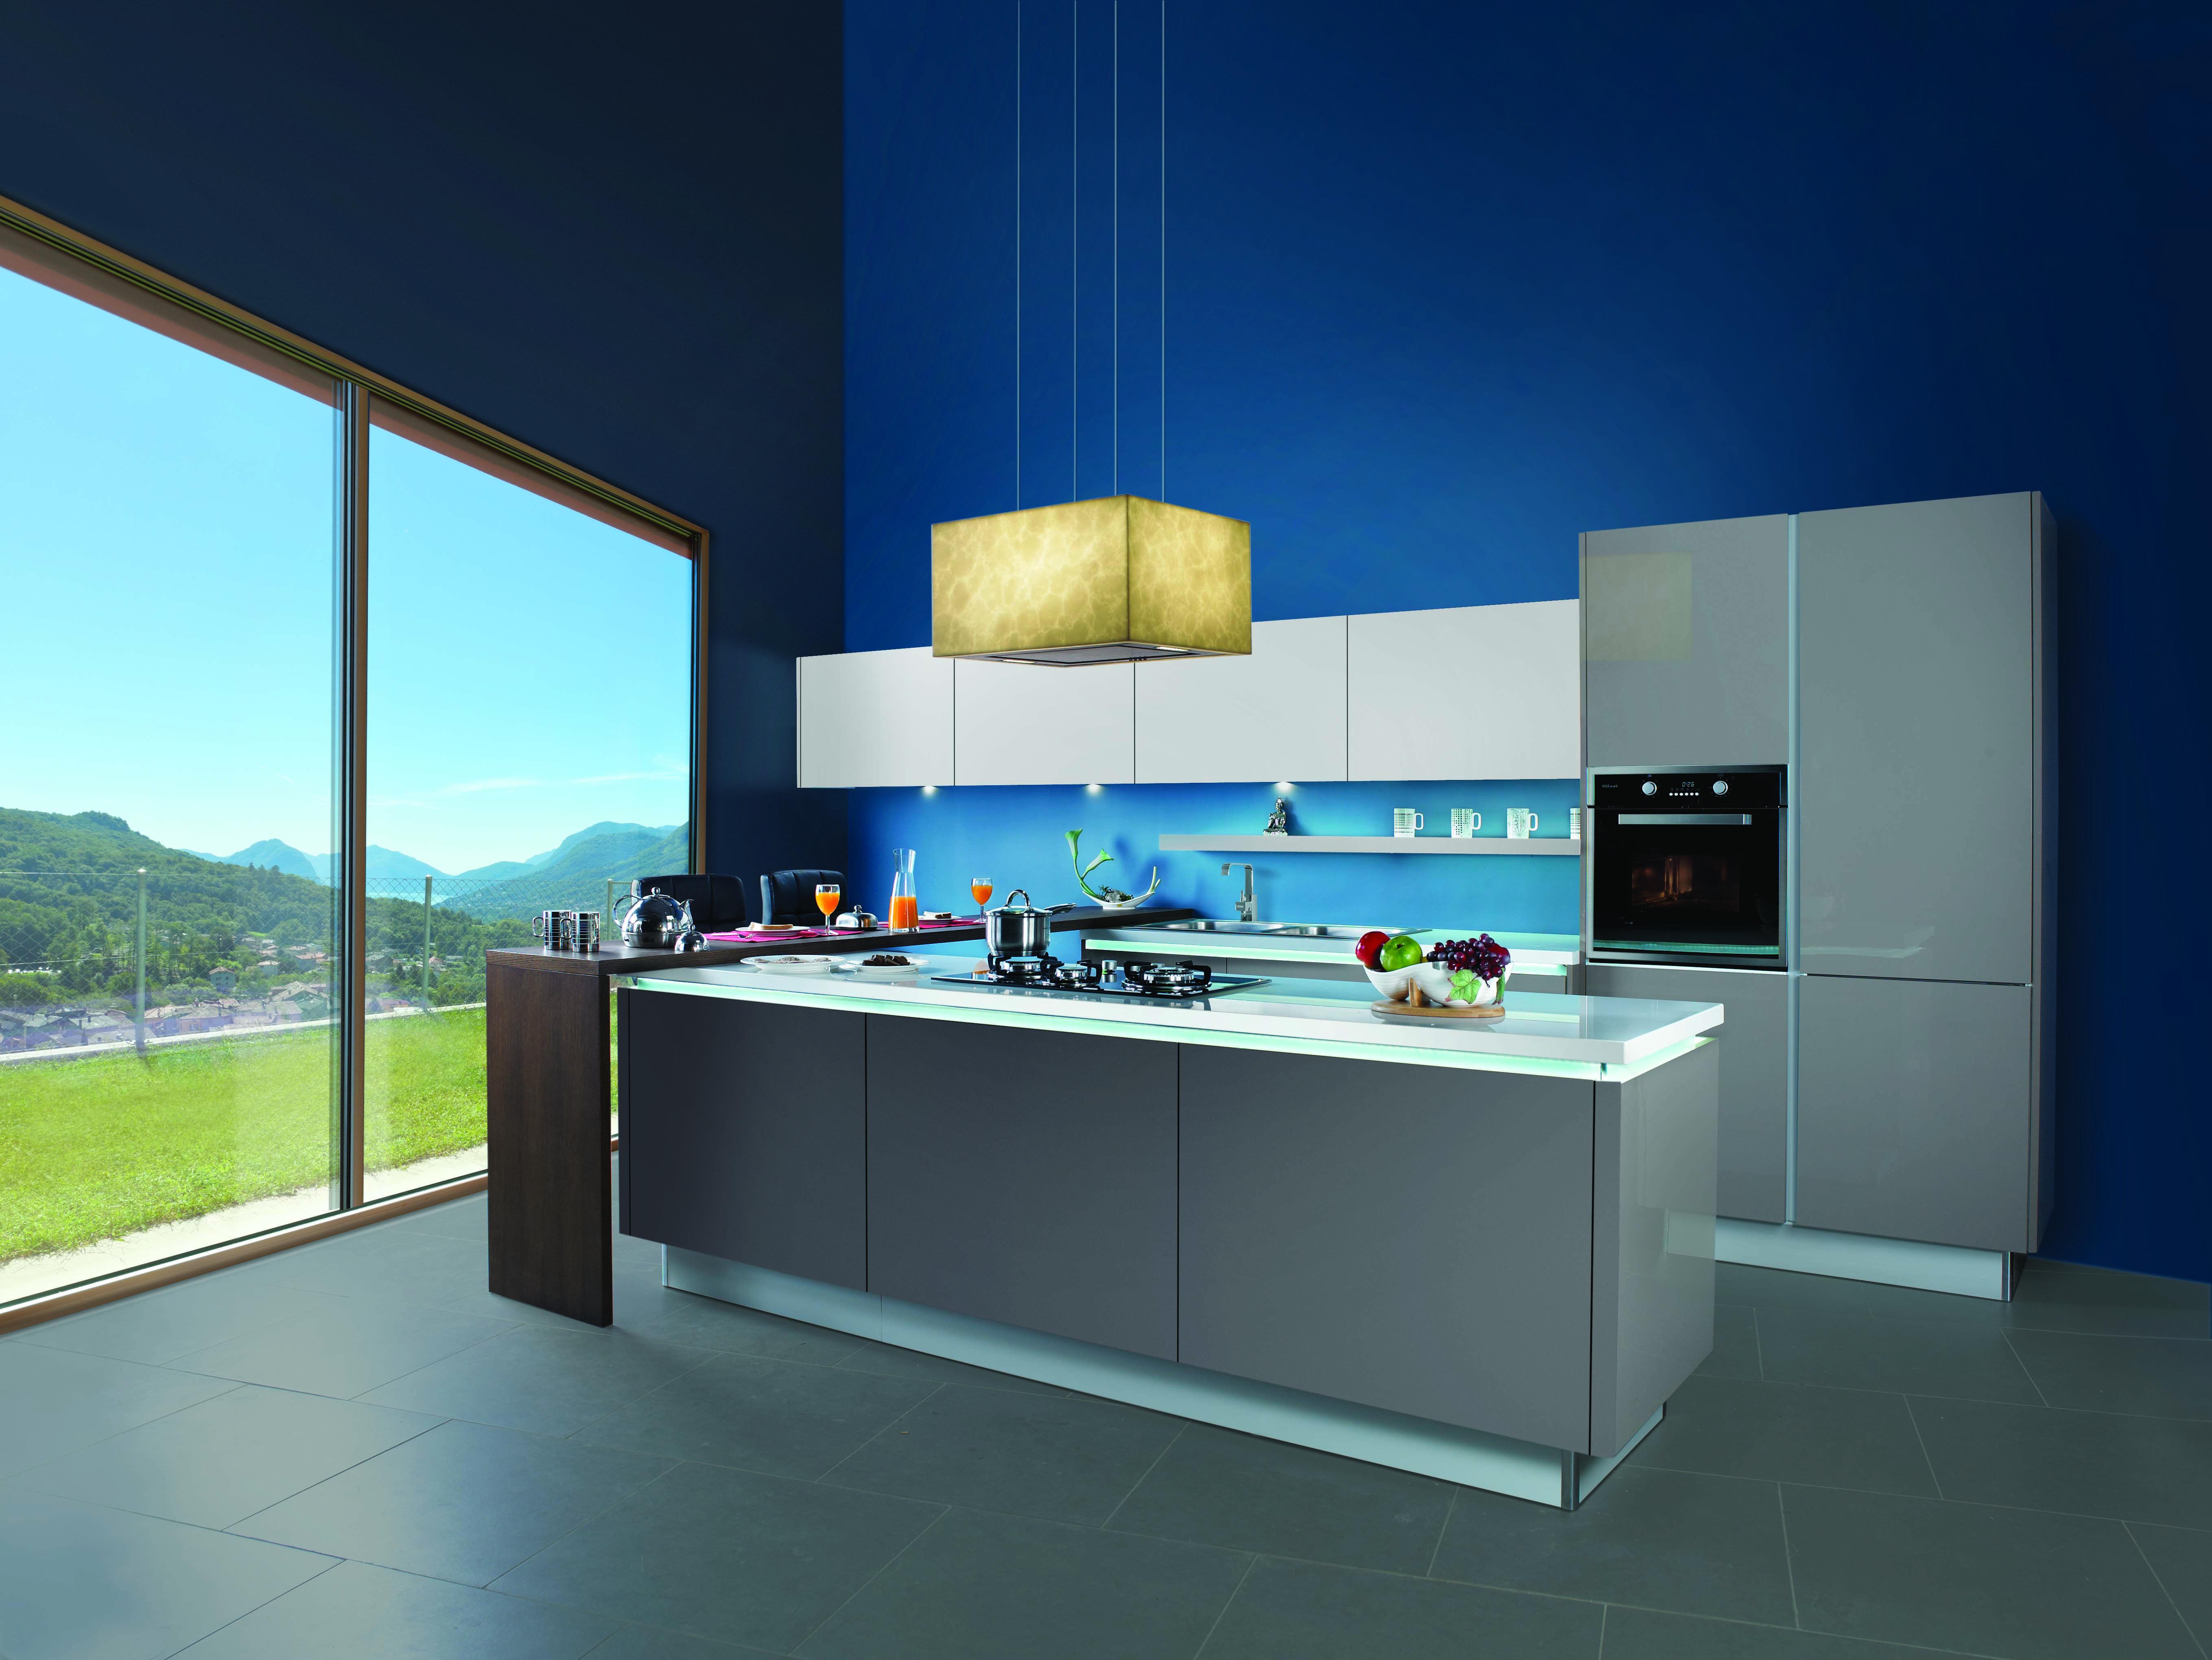 Sleek Modular Kitchen Designs - palesten.com -